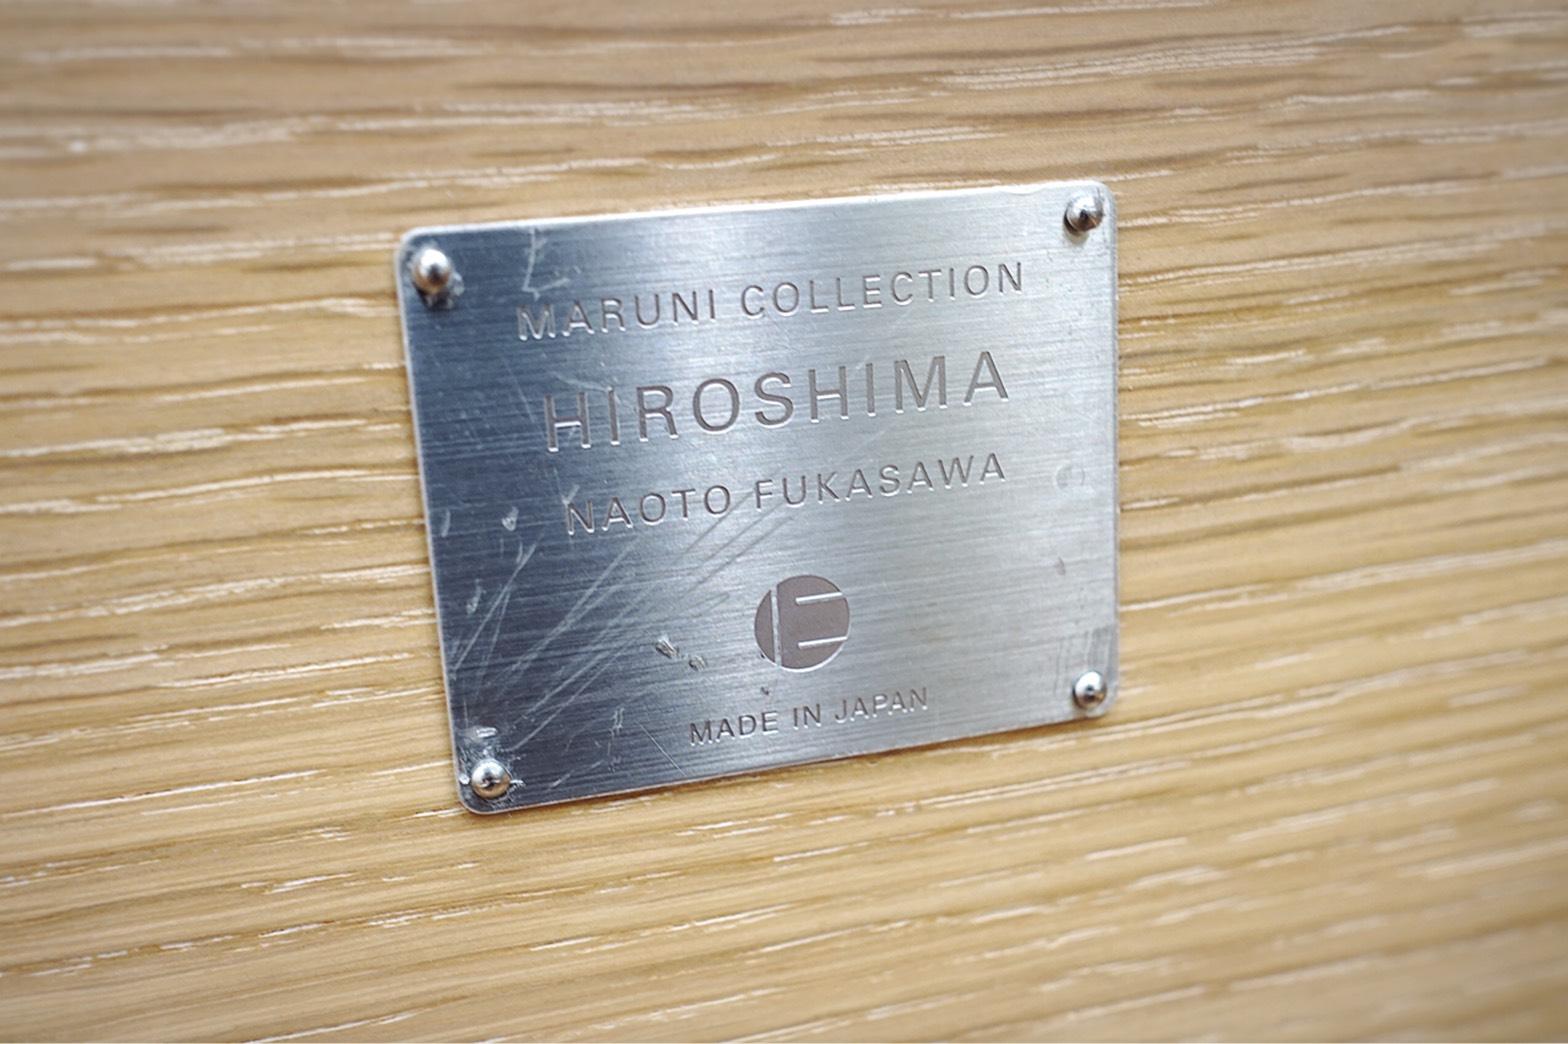 マルニ木工 Hiroshima アームチェア(板座) オーク材4